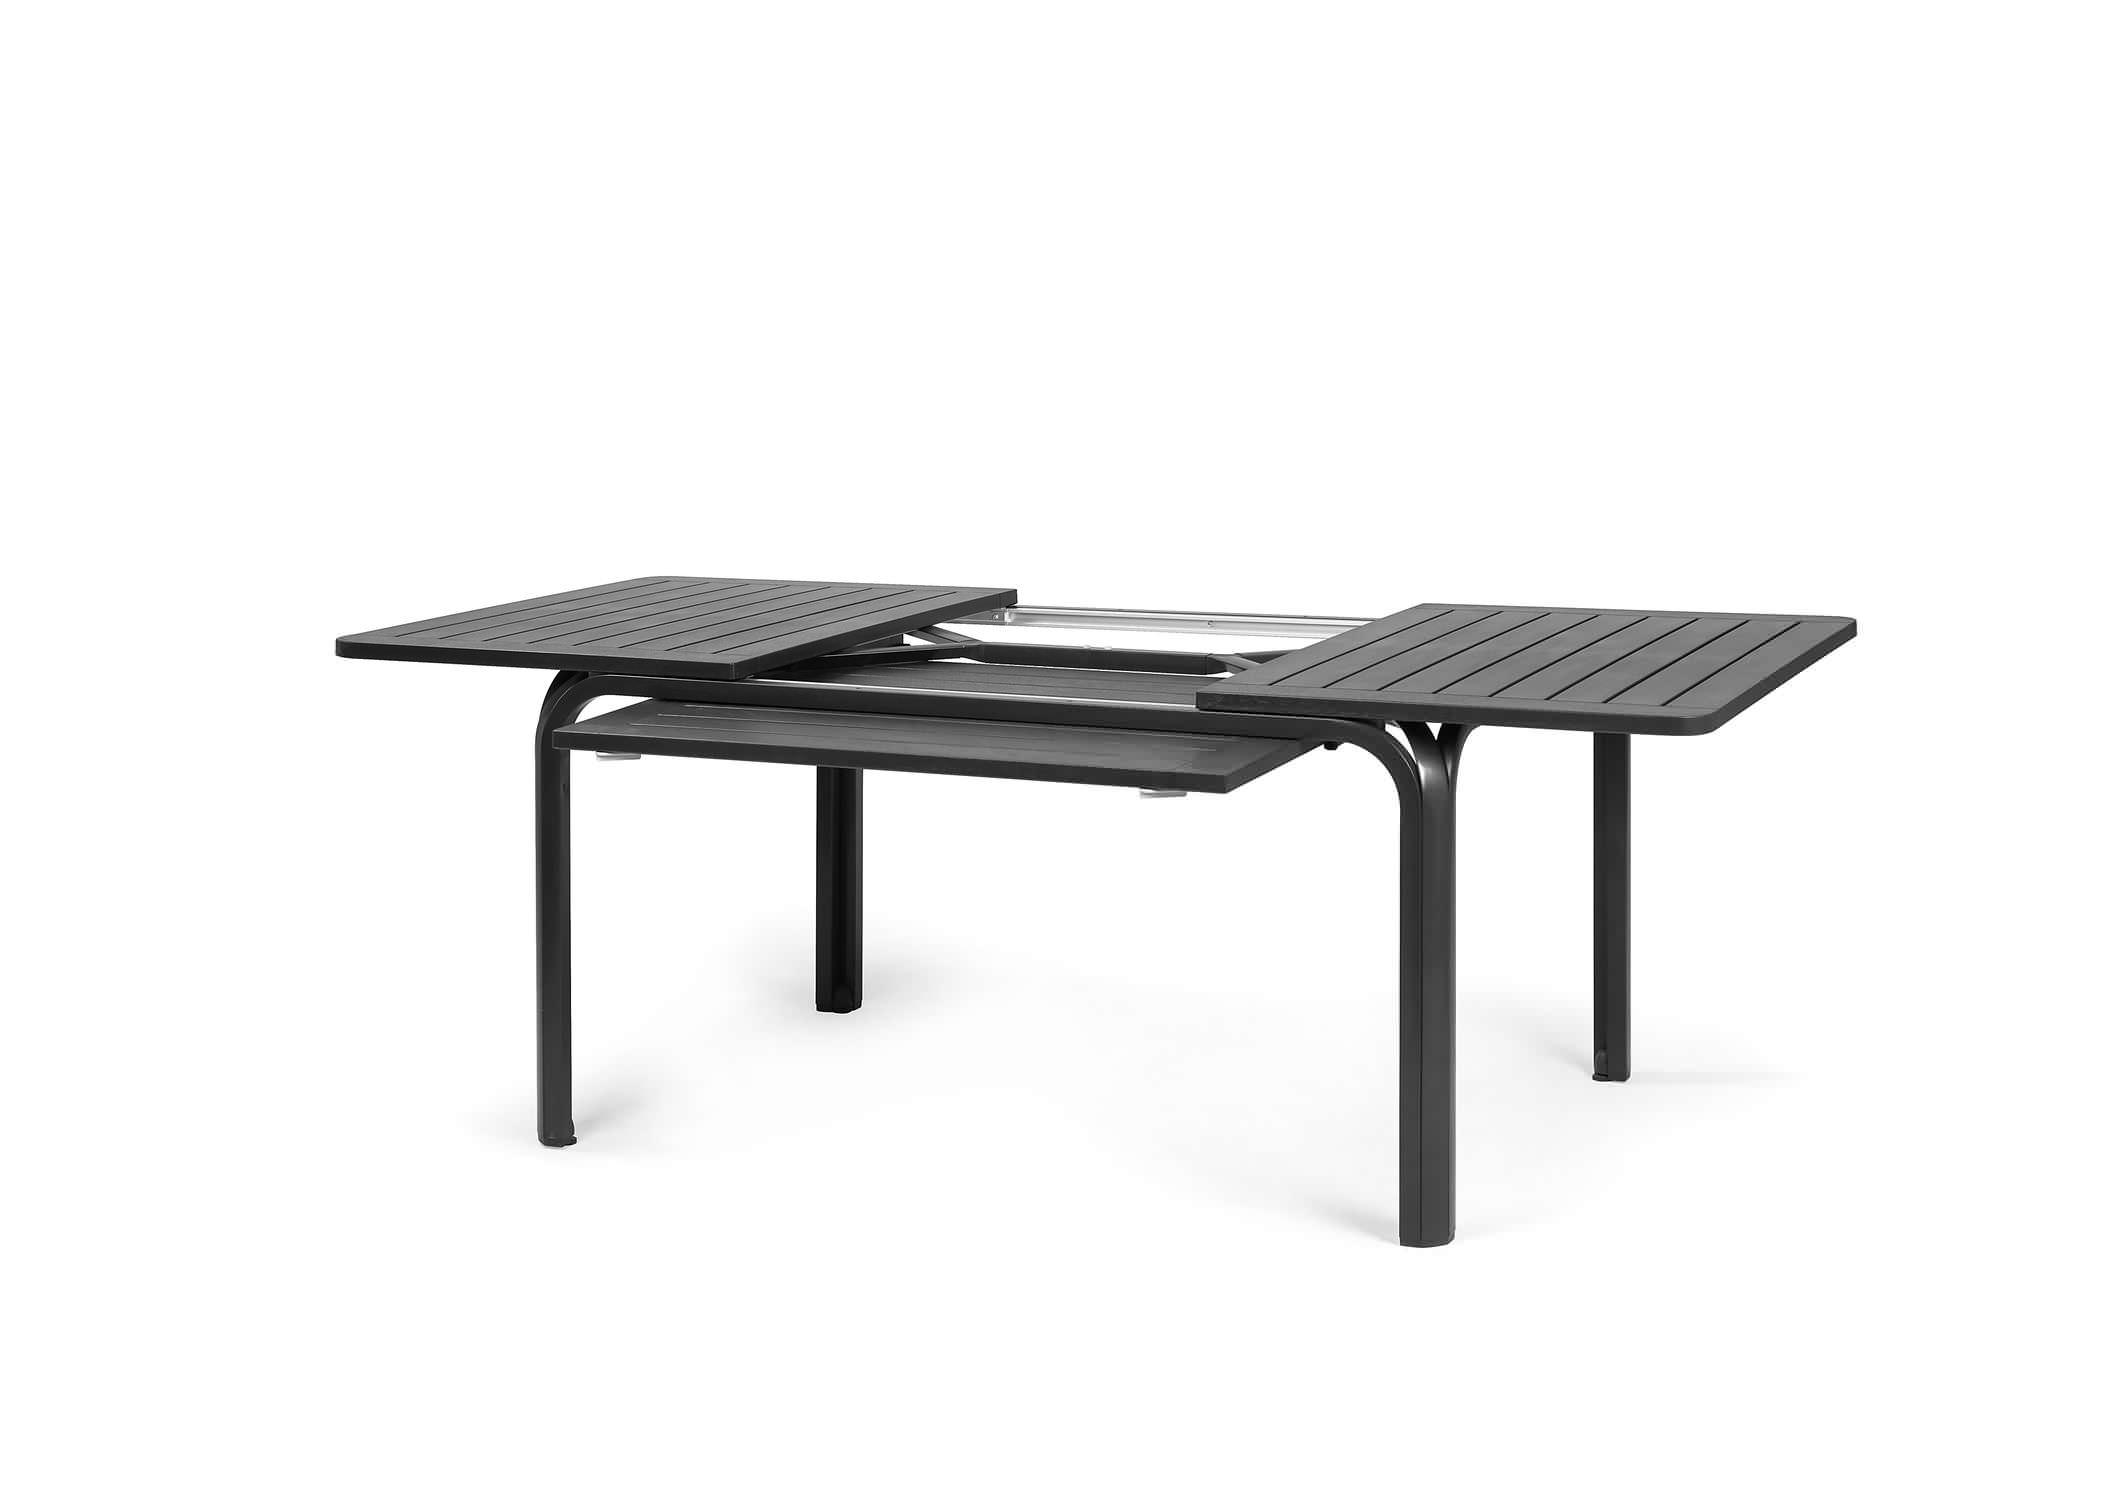 Salon Jardin Aluminium Table Extensible 135/270 Cm + Chaises Et Fauteuils  Empilables Modena